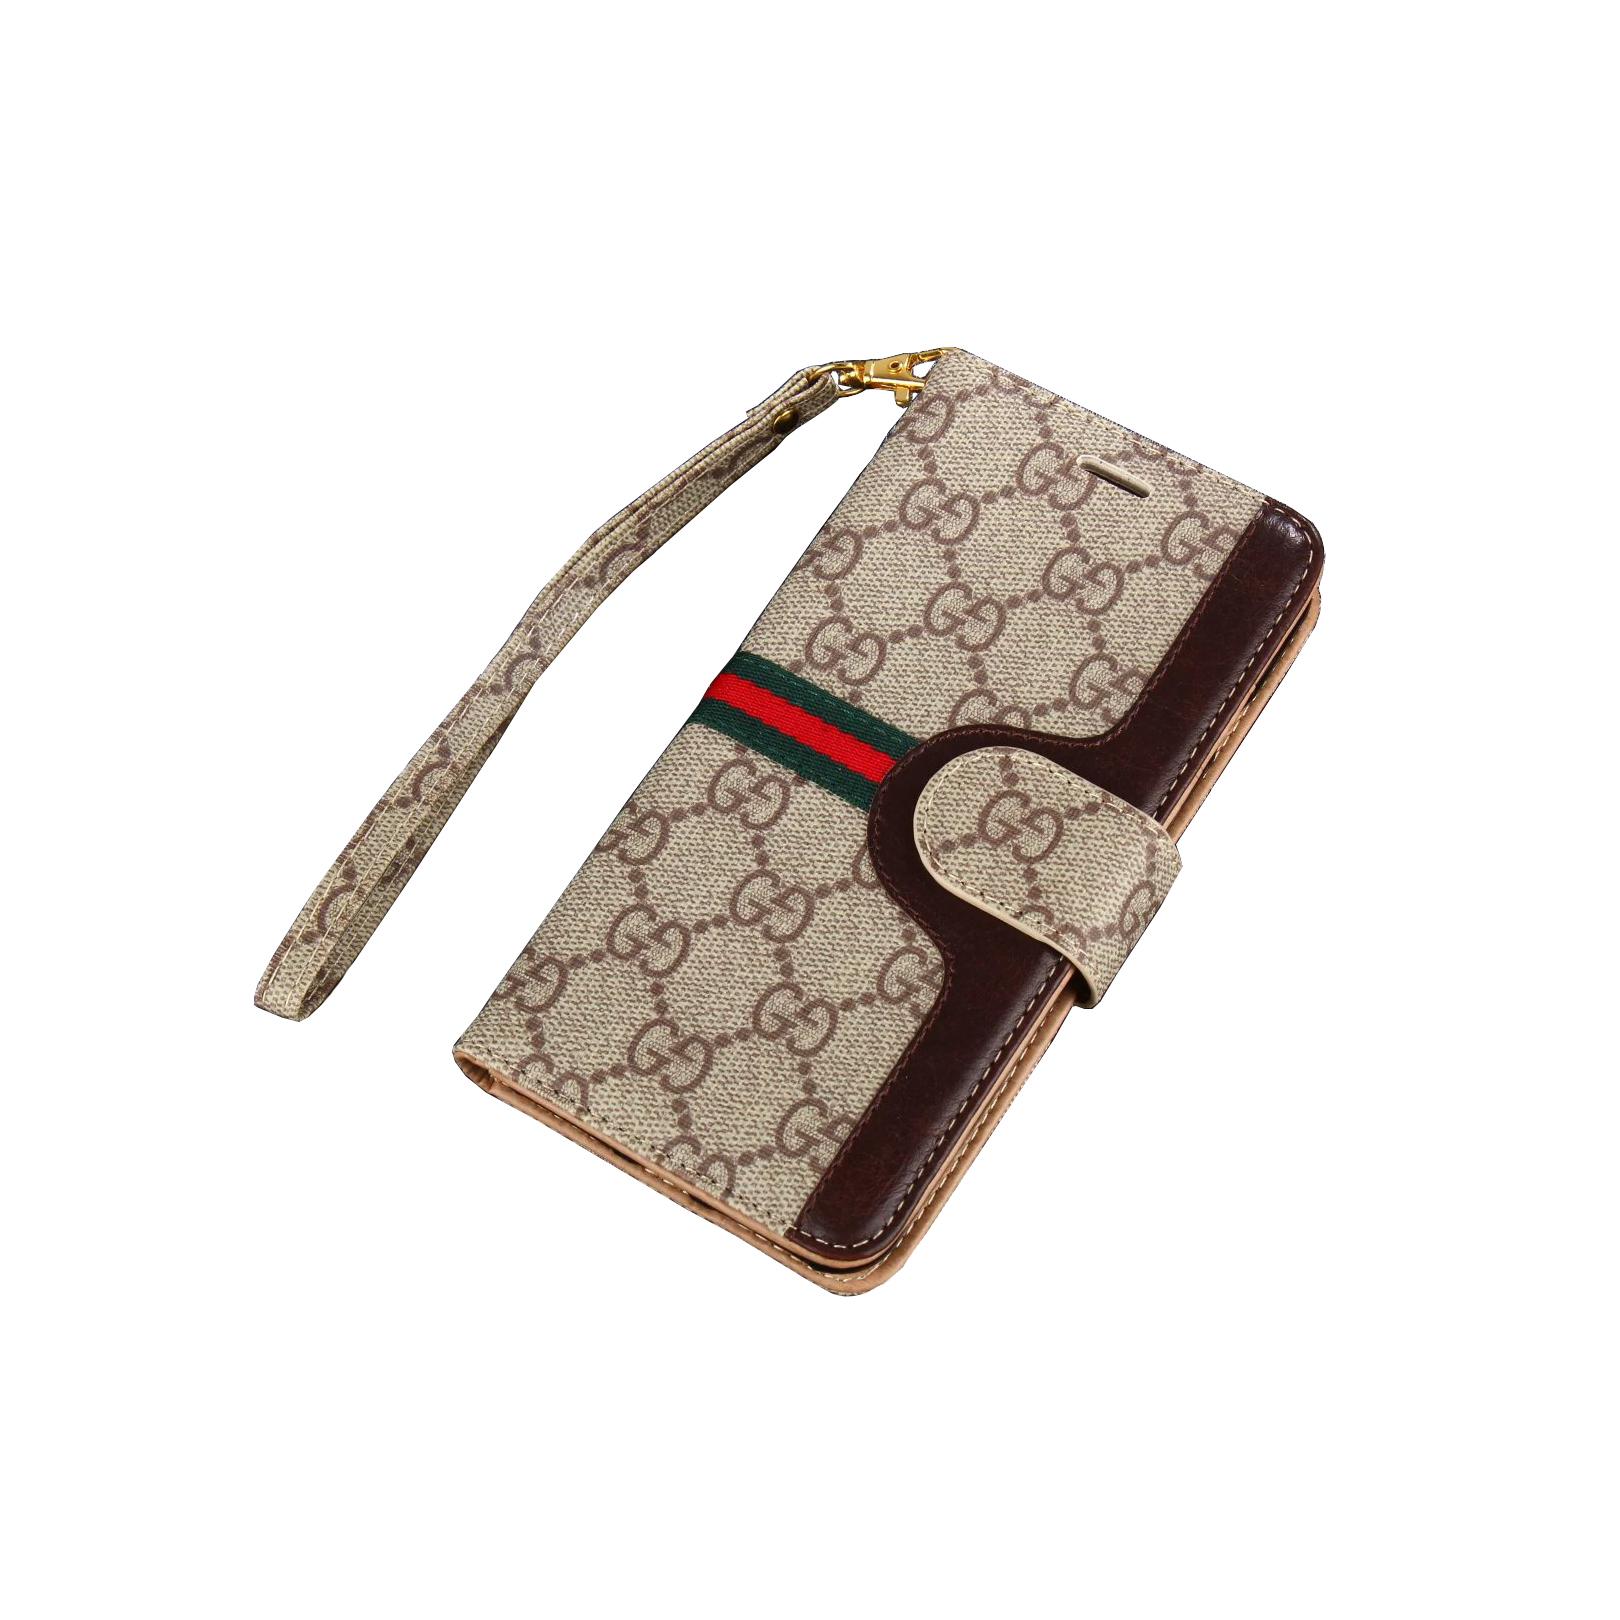 iphone filzhülle handyhülle iphone Gucci iphone 8 Plus hüllen iphone 8 Plus brieftasche hüllen 8 Pluslbst gestalten iphone 8 Plus preis für iphone 8 Plus handyhülle 8 Pluslber bedrucken iphone 8 Plus display größe weiße iphone 8 Plus hülle